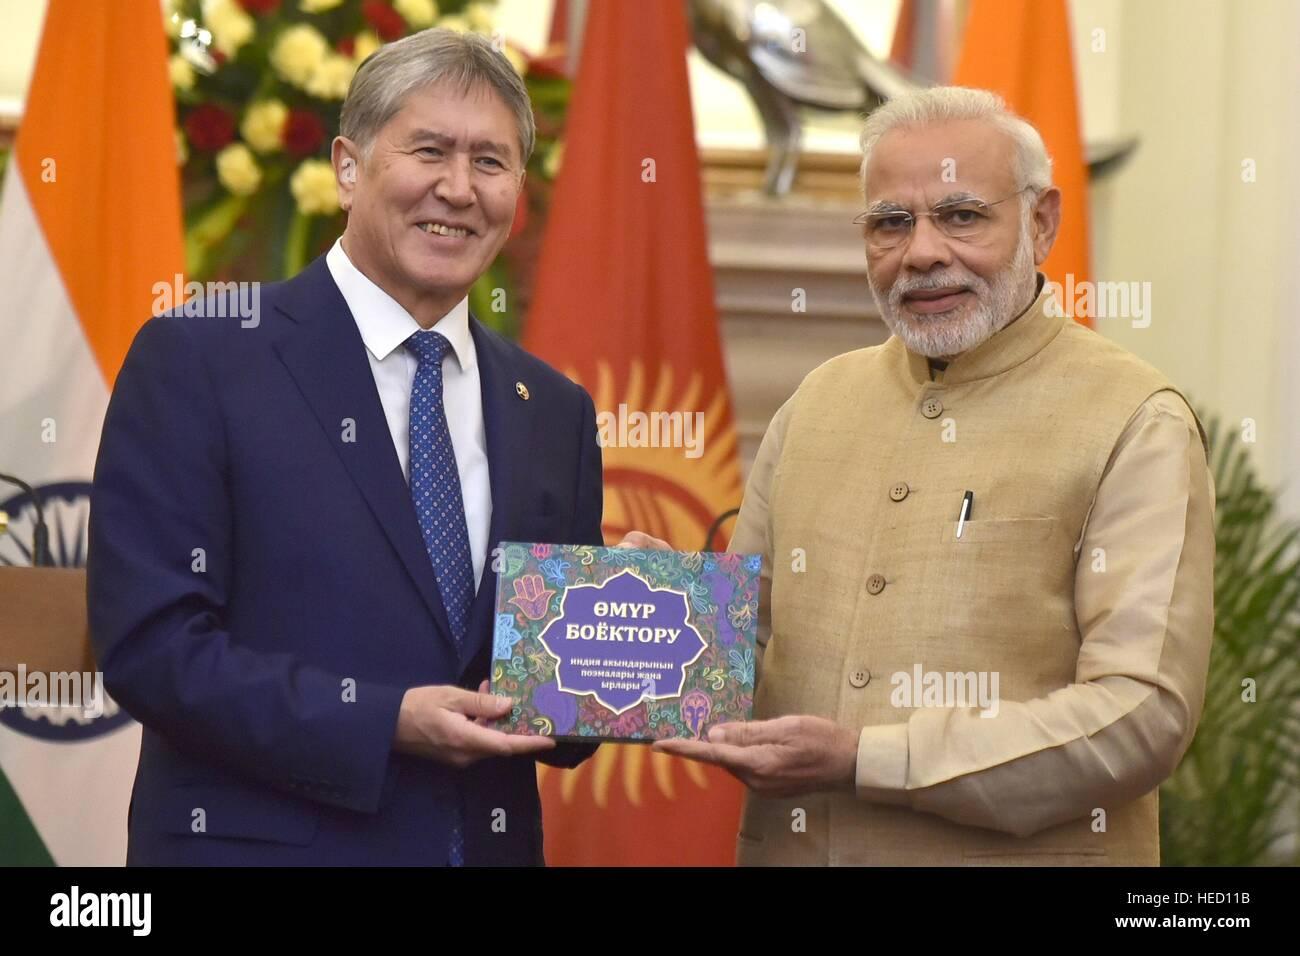 Le Premier Ministre indien Narendra Modi Président Almazbek Atambayev Kirghizistan présente une traduction de poèmes indiens le 20 décembre 2016 à New Delhi, en Inde. Banque D'Images